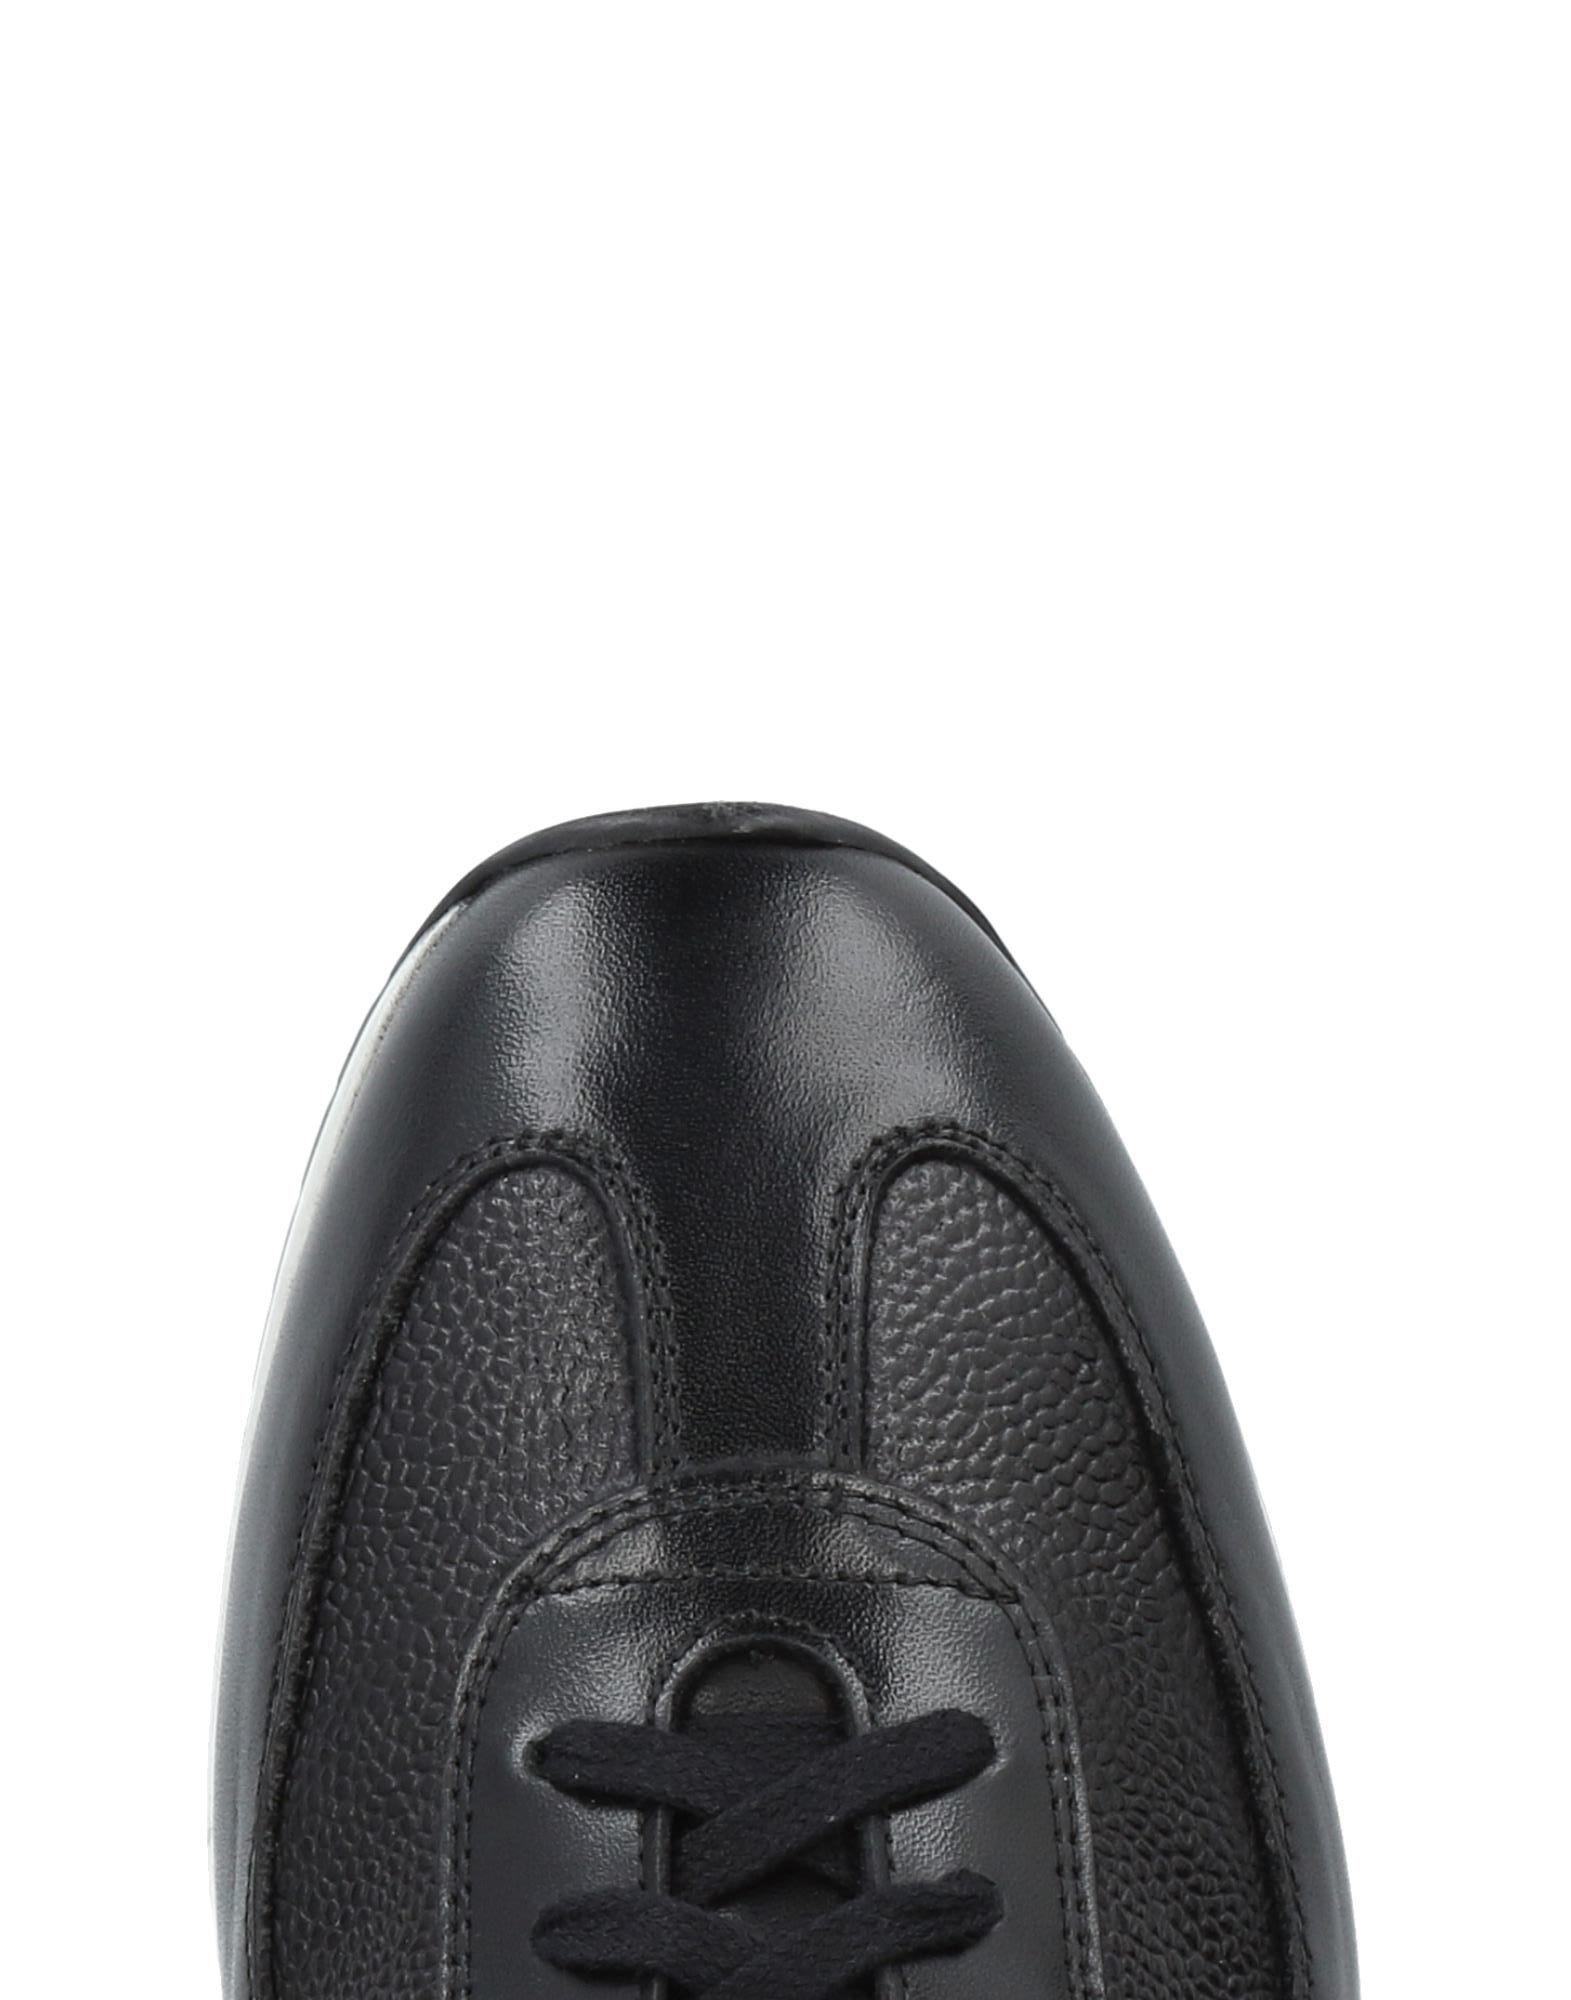 Pollini Les Sneakers Sneakers Homme Les chaussures Pollini Noir J3T1FcKl